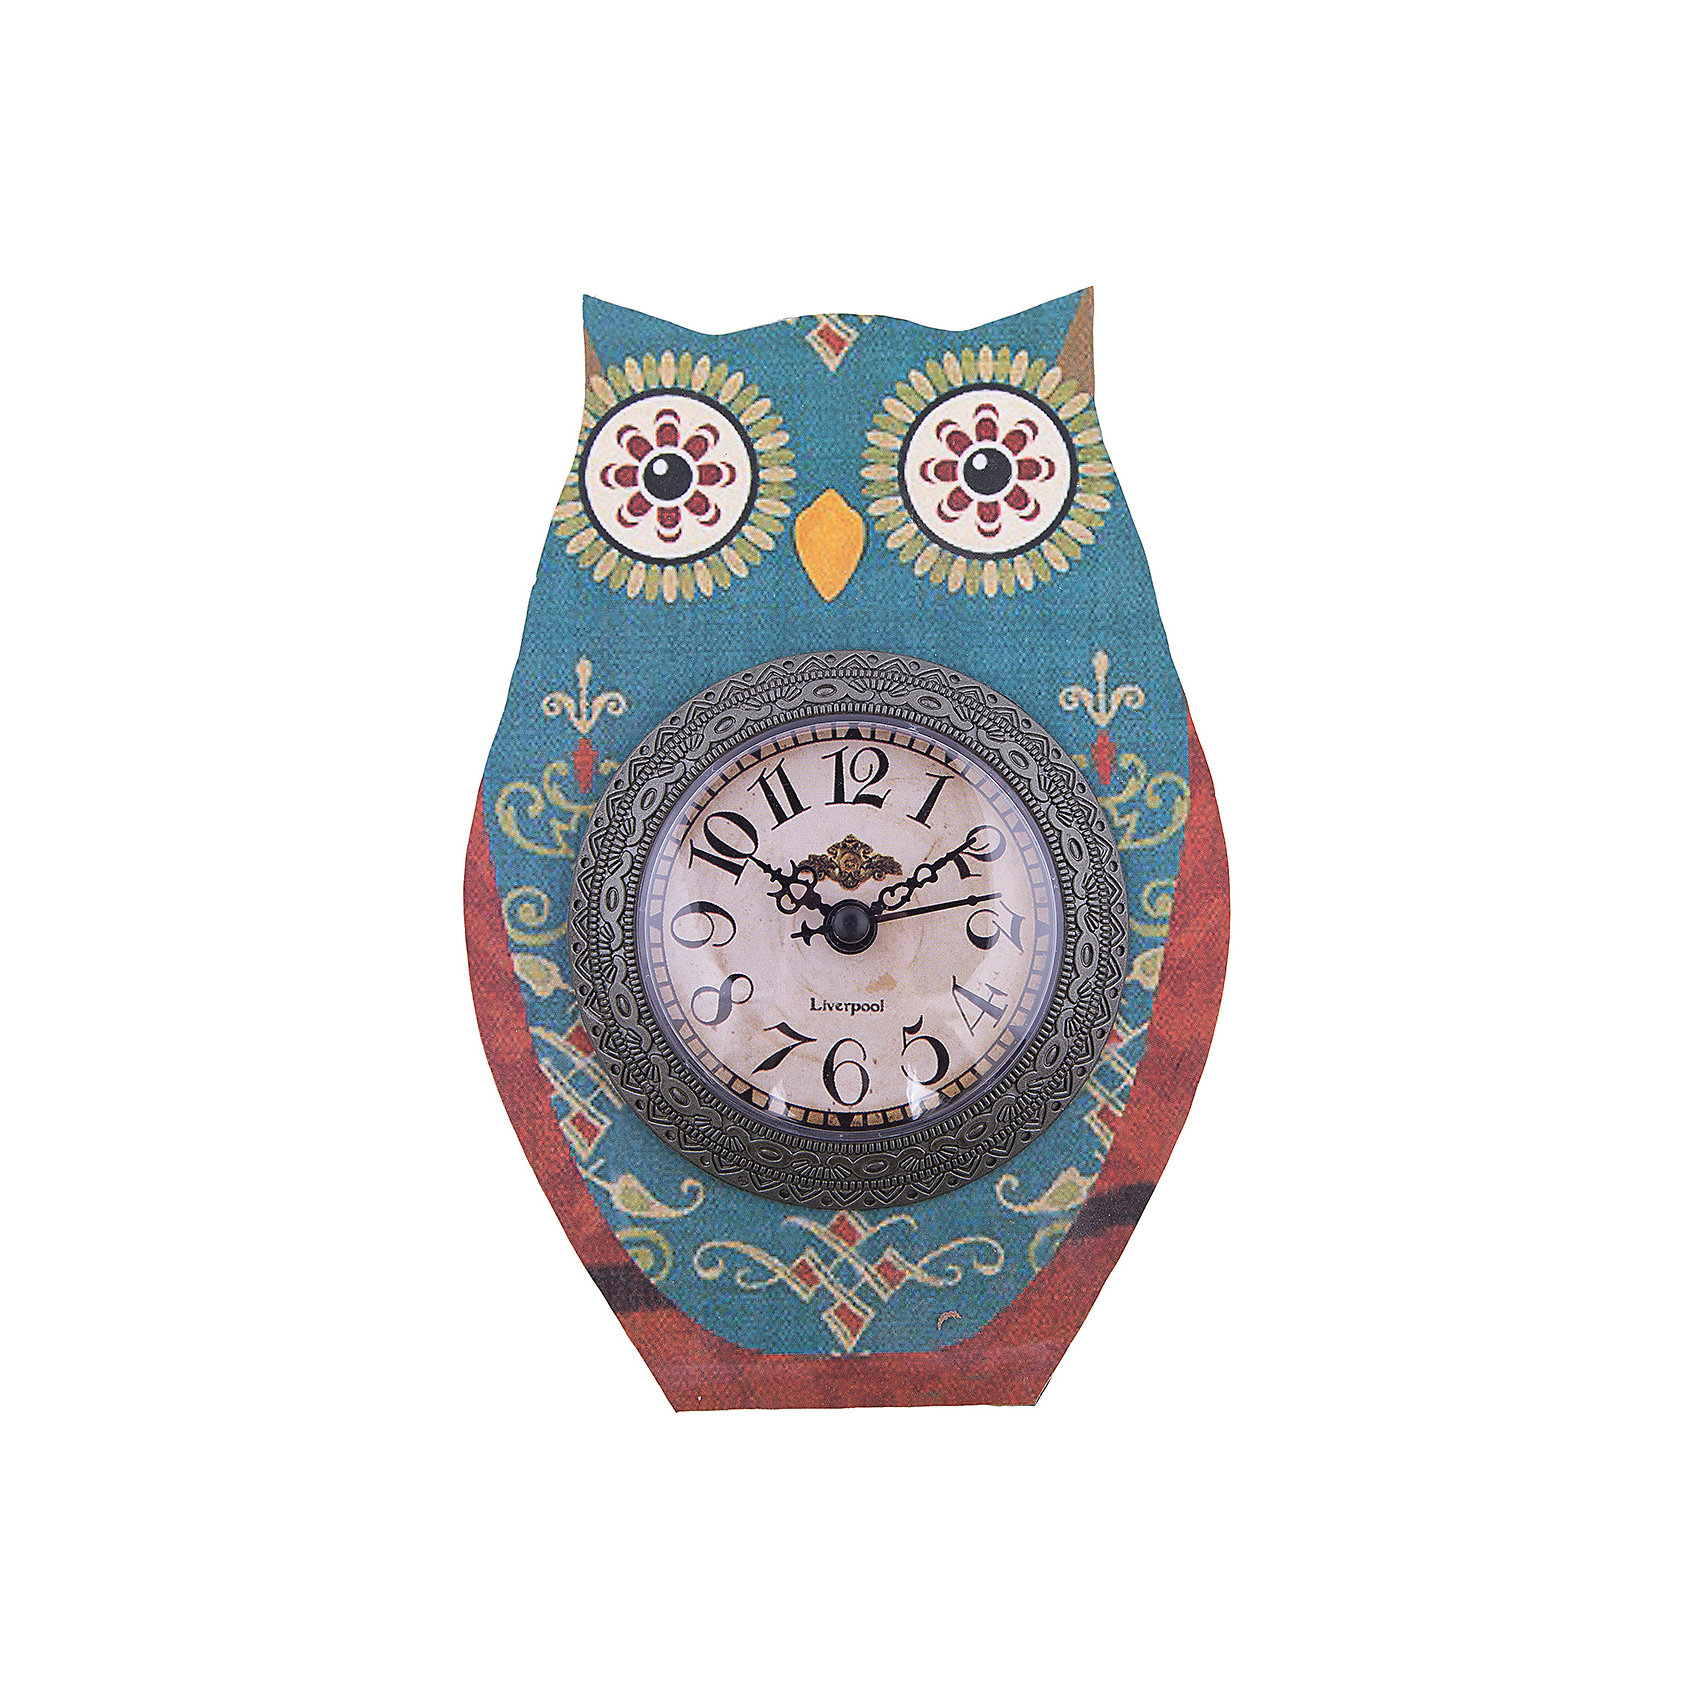 Часы настольные Совушкины чары, Magic HomeНастольные часы с открытым циферблатом устанавливаются на плоской поверхности стола, полки или прикроватной тумбочки. Ход стрелок плавный, часы кварцевые, без боя, с циферблатом, часовой механизм находится на задней стенке часов. Корпус часов Magic Home – мдф-основа с рисунком «Совушкины чары». <br><br>Дополнительная информация:<br><br>Для работы часов требуется 1 батарейка типа АА (приобретается отдельно).<br><br>Размер: 15х20 см<br><br>Материал: МДФ - древесноволокнистая плита средней плотности, изготовленная из древесных опилок мелкой фракции.<br><br>Часы настольные Совушкины чары, Magic Home можно купить в нашем интернет-магазине.<br><br>Ширина мм: 210<br>Глубина мм: 150<br>Высота мм: 40<br>Вес г: 177<br>Возраст от месяцев: 216<br>Возраст до месяцев: 1200<br>Пол: Унисекс<br>Возраст: Детский<br>SKU: 5030490